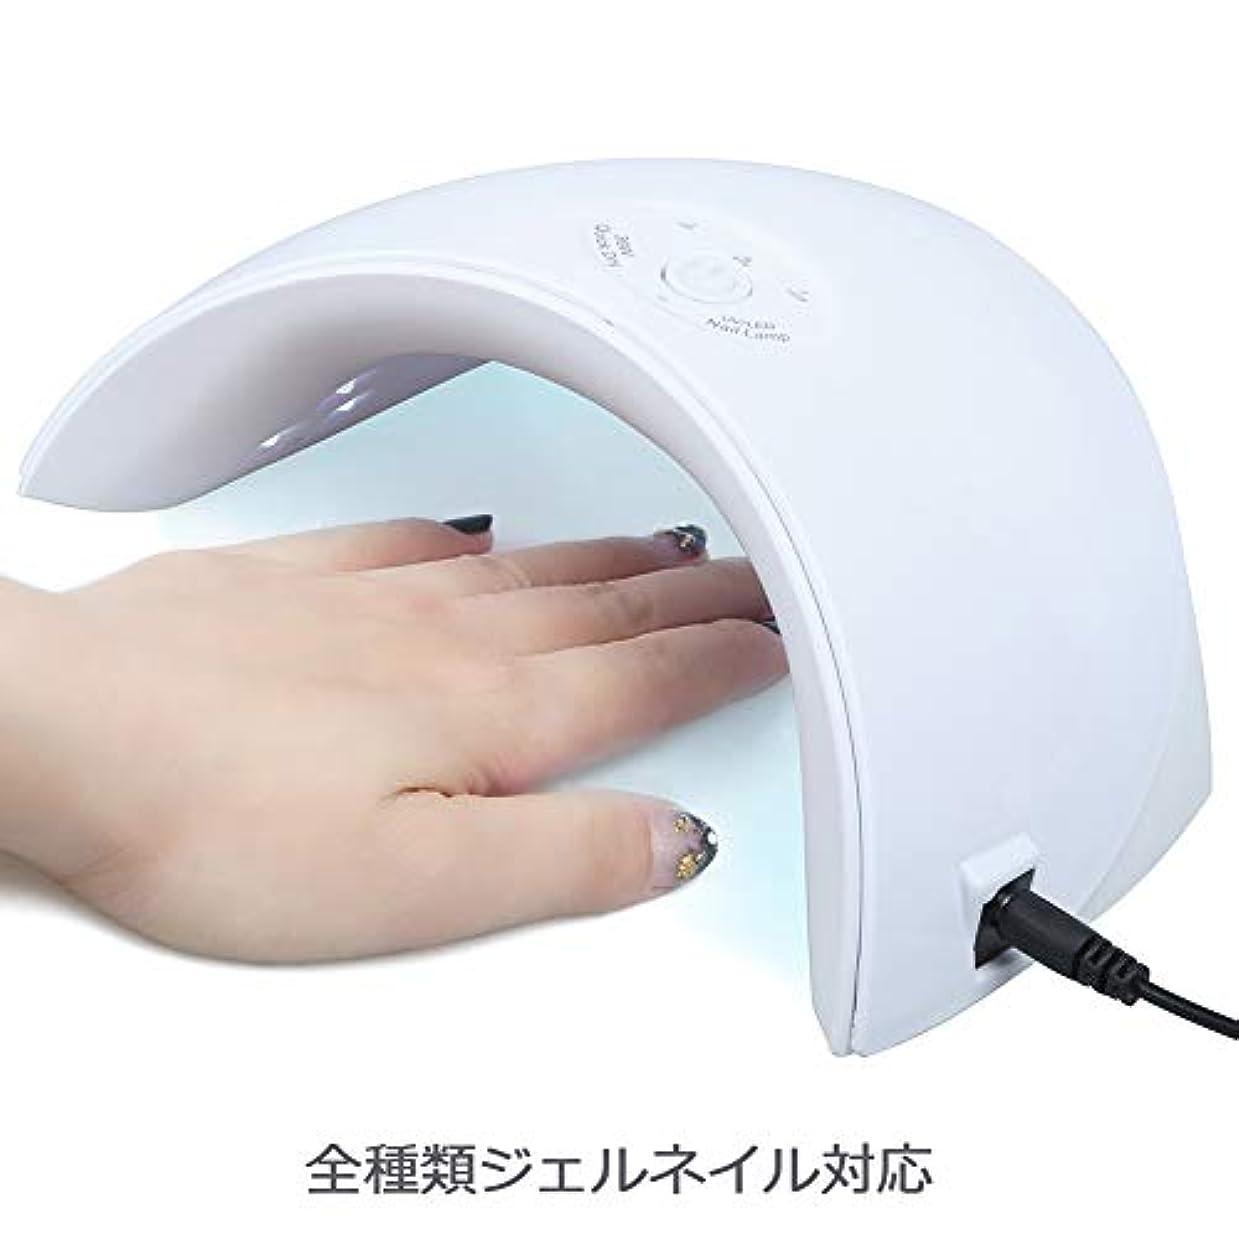 Twinkle Store 36Wホワイト ネイルライト  硬化用UV/LEDライト ネイルドライヤー ネイル道具?ケアツール 硬化用ライト マニキュア ネイルアートツール